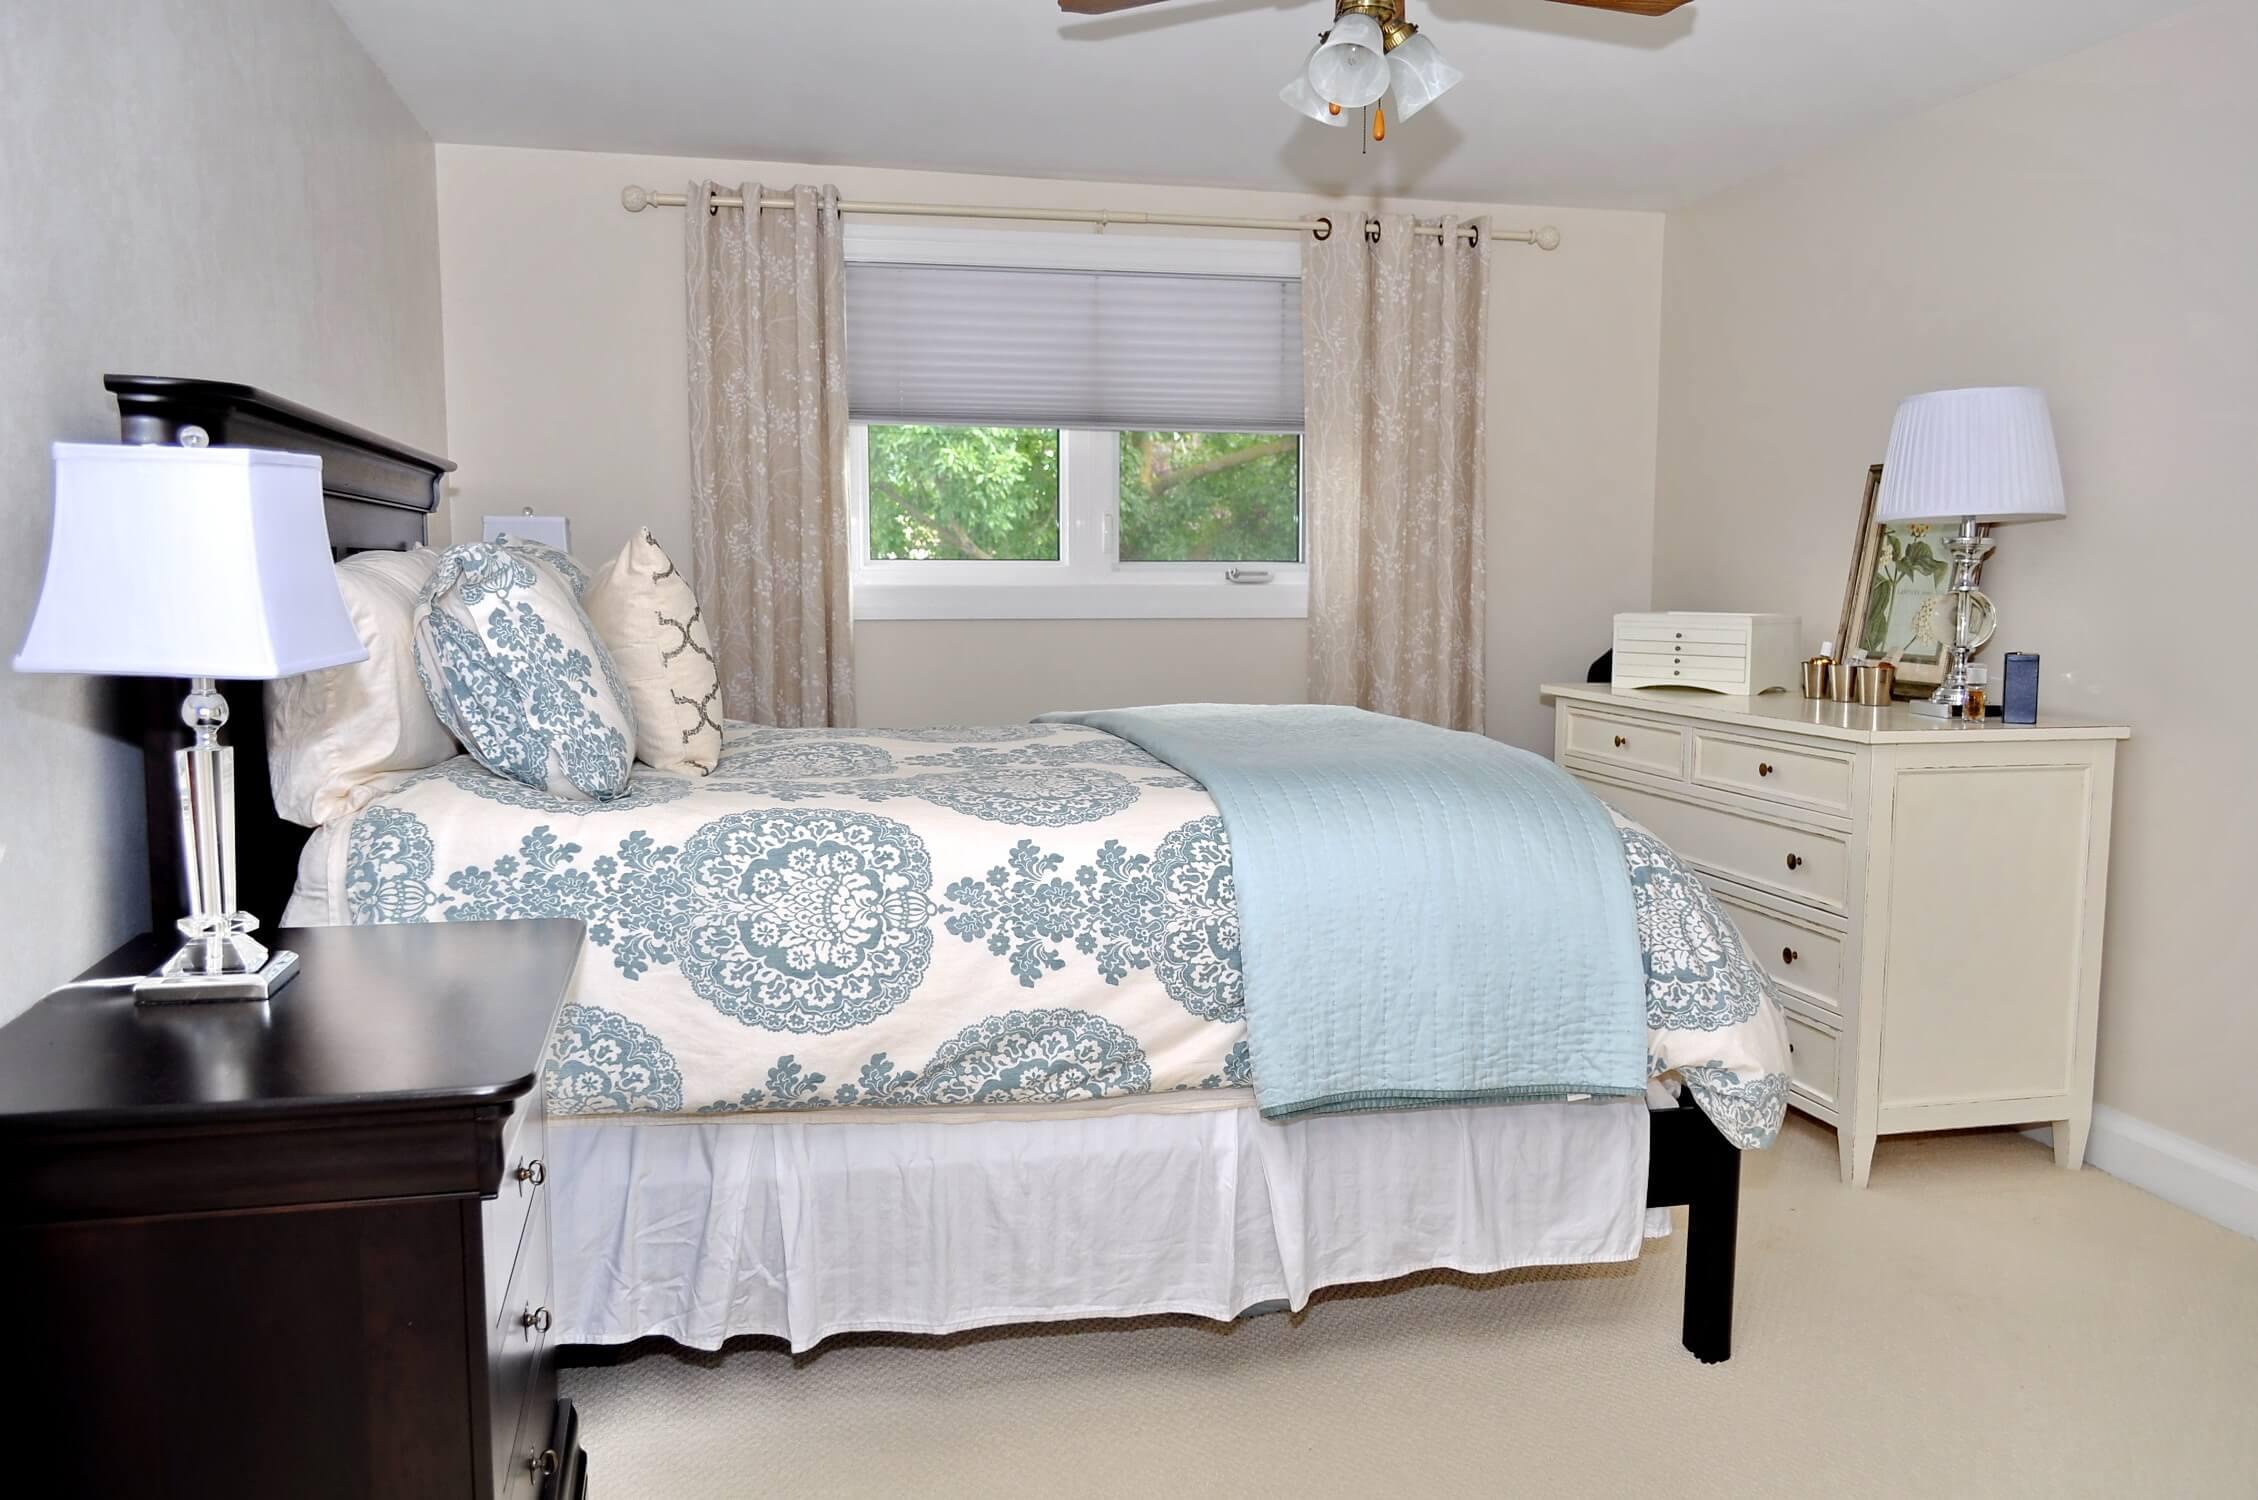 katherine b Master_Bedroom